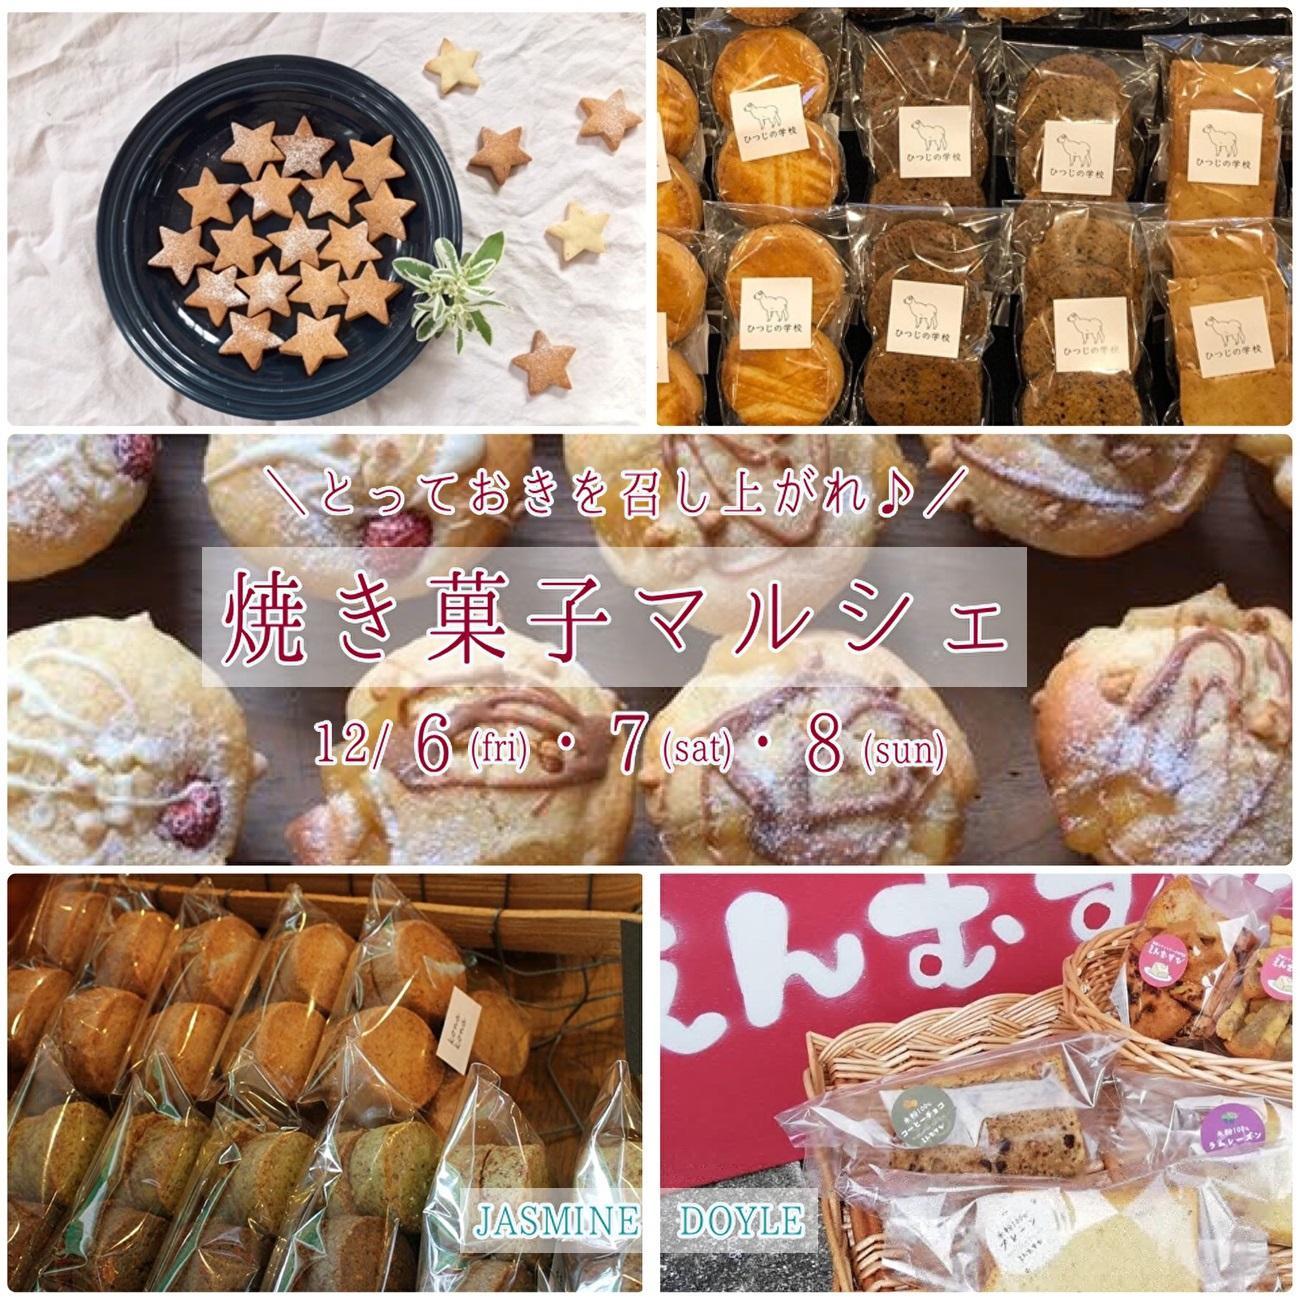 焼き菓子/イベント/マフィン/タルト/クッキー